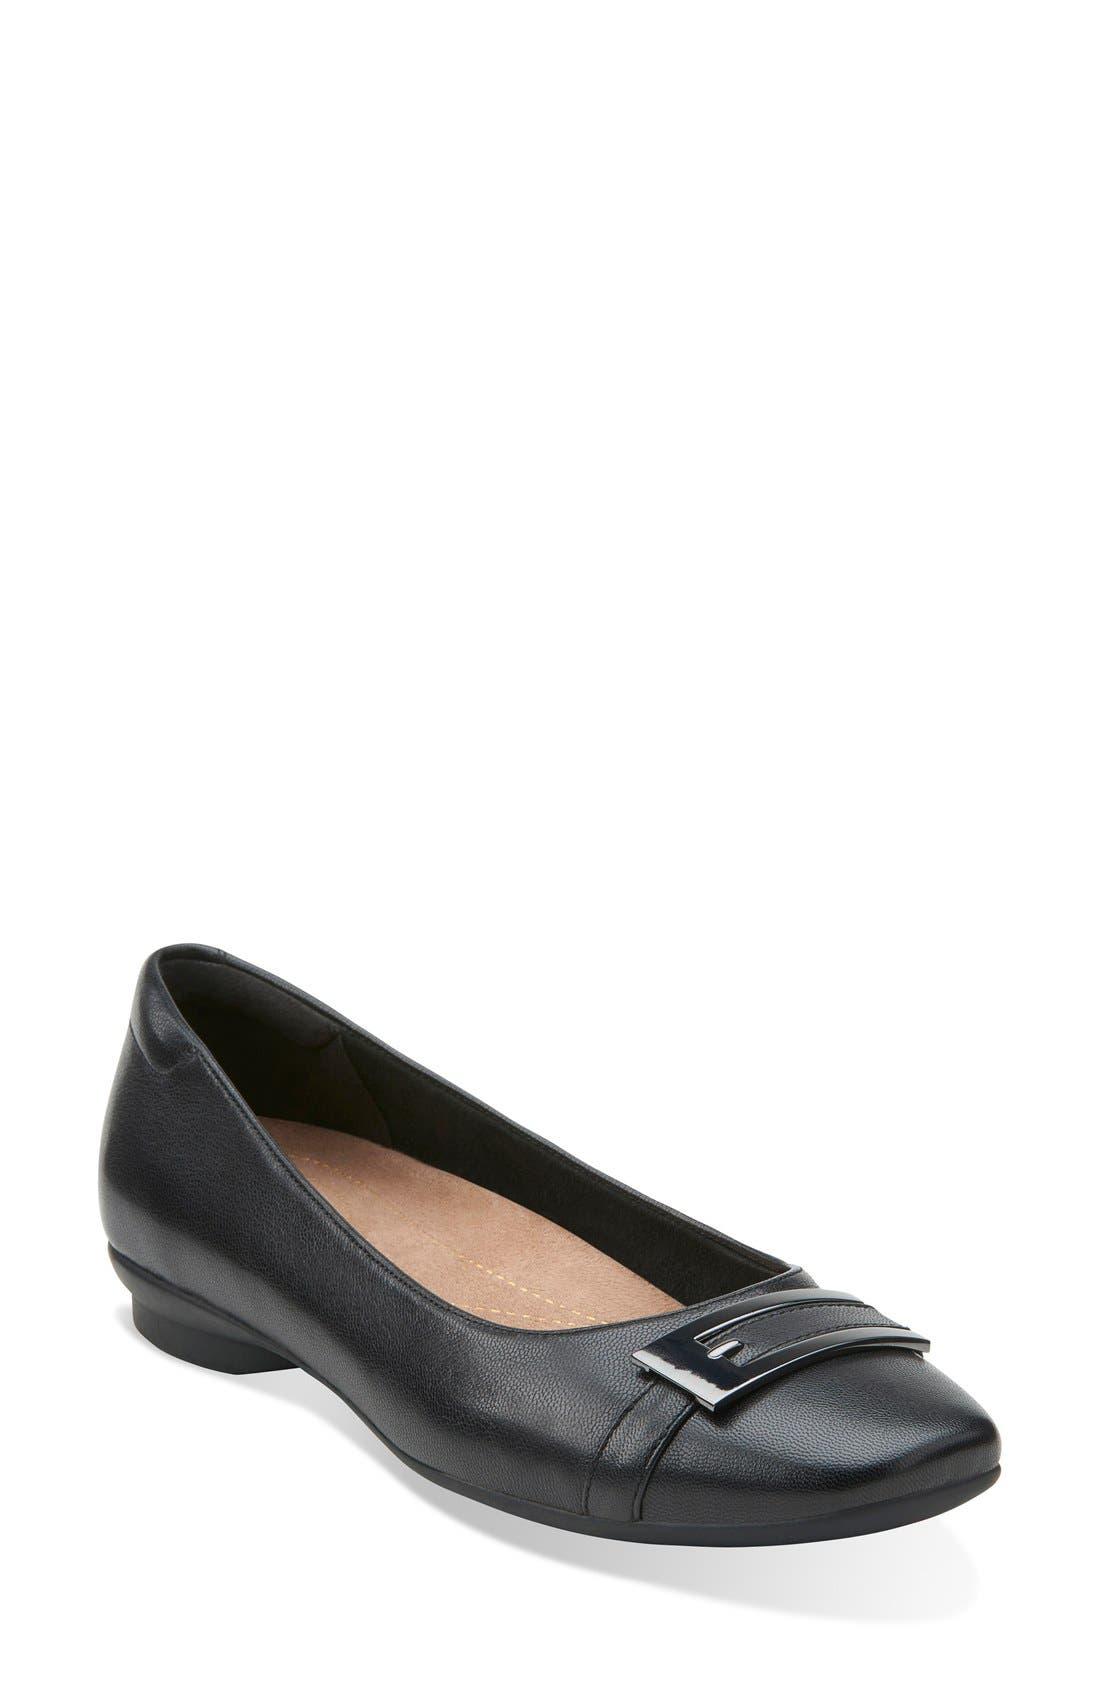 Main Image - Clarks® 'Candra Glare' Cap Toe Flat (Women)